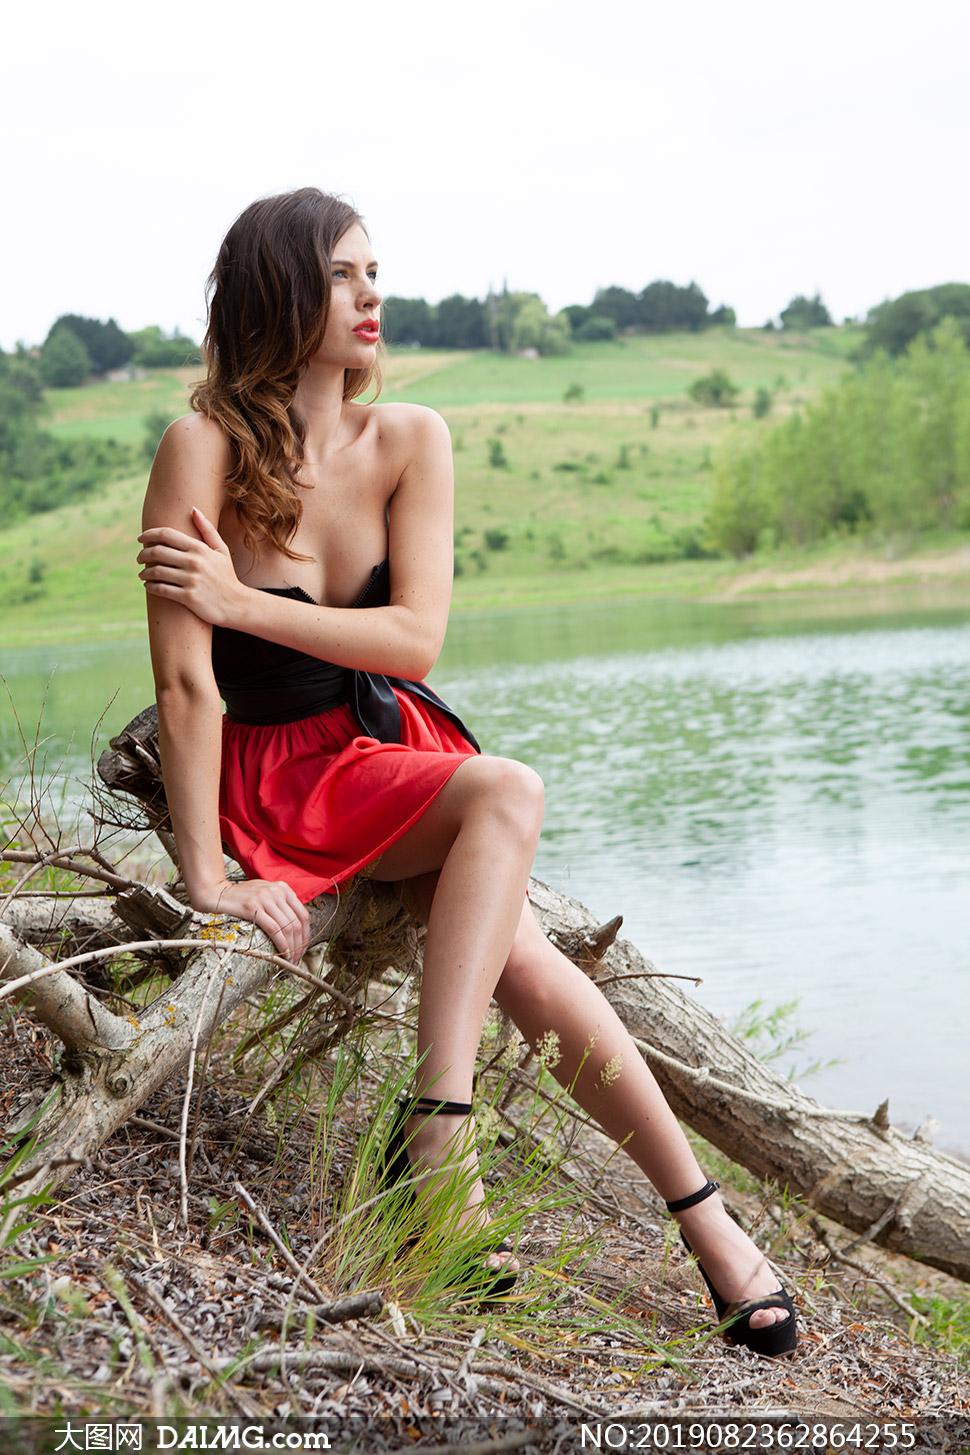 在河边的抹胸红裙美女人物高清原片